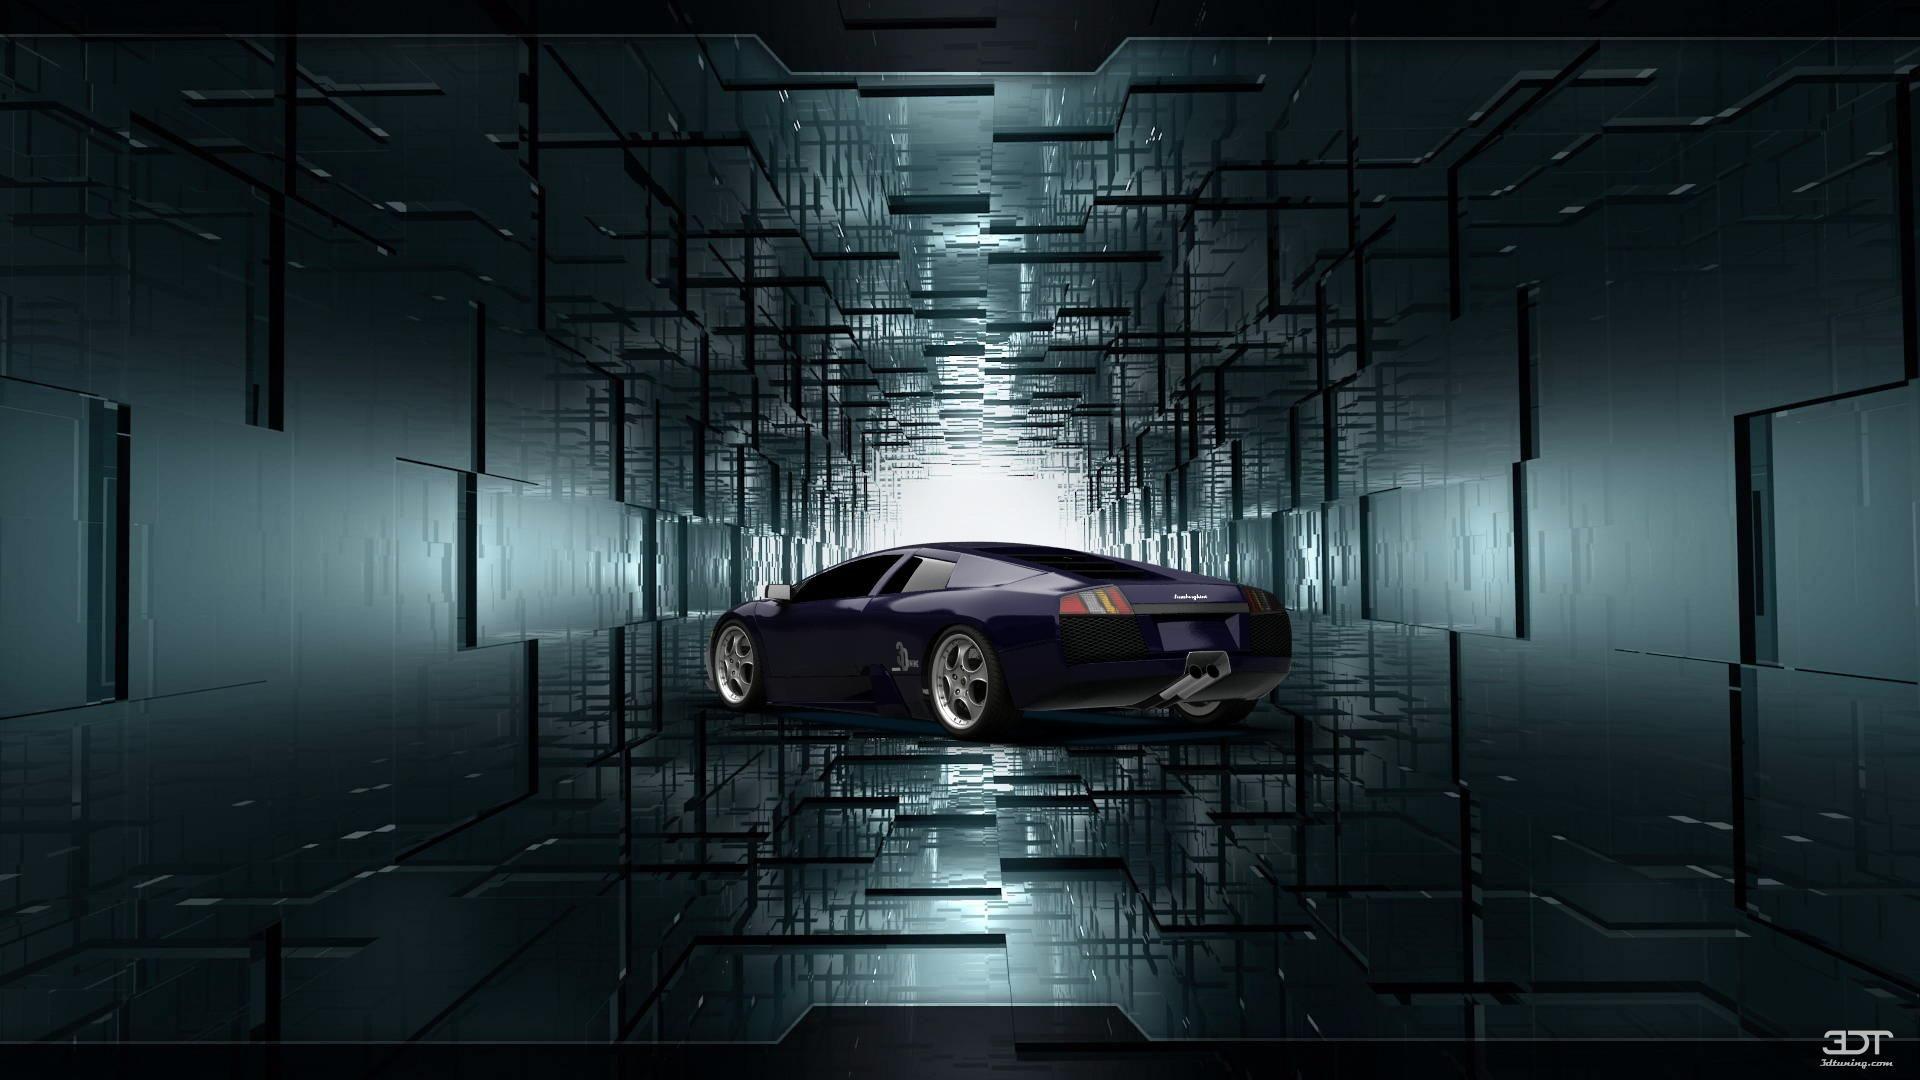 Checkout My Tuning Lamborghini Murcielago 2001 At 3dtuning 3dtuning Tuning Camaro Koenigsegg Bmw